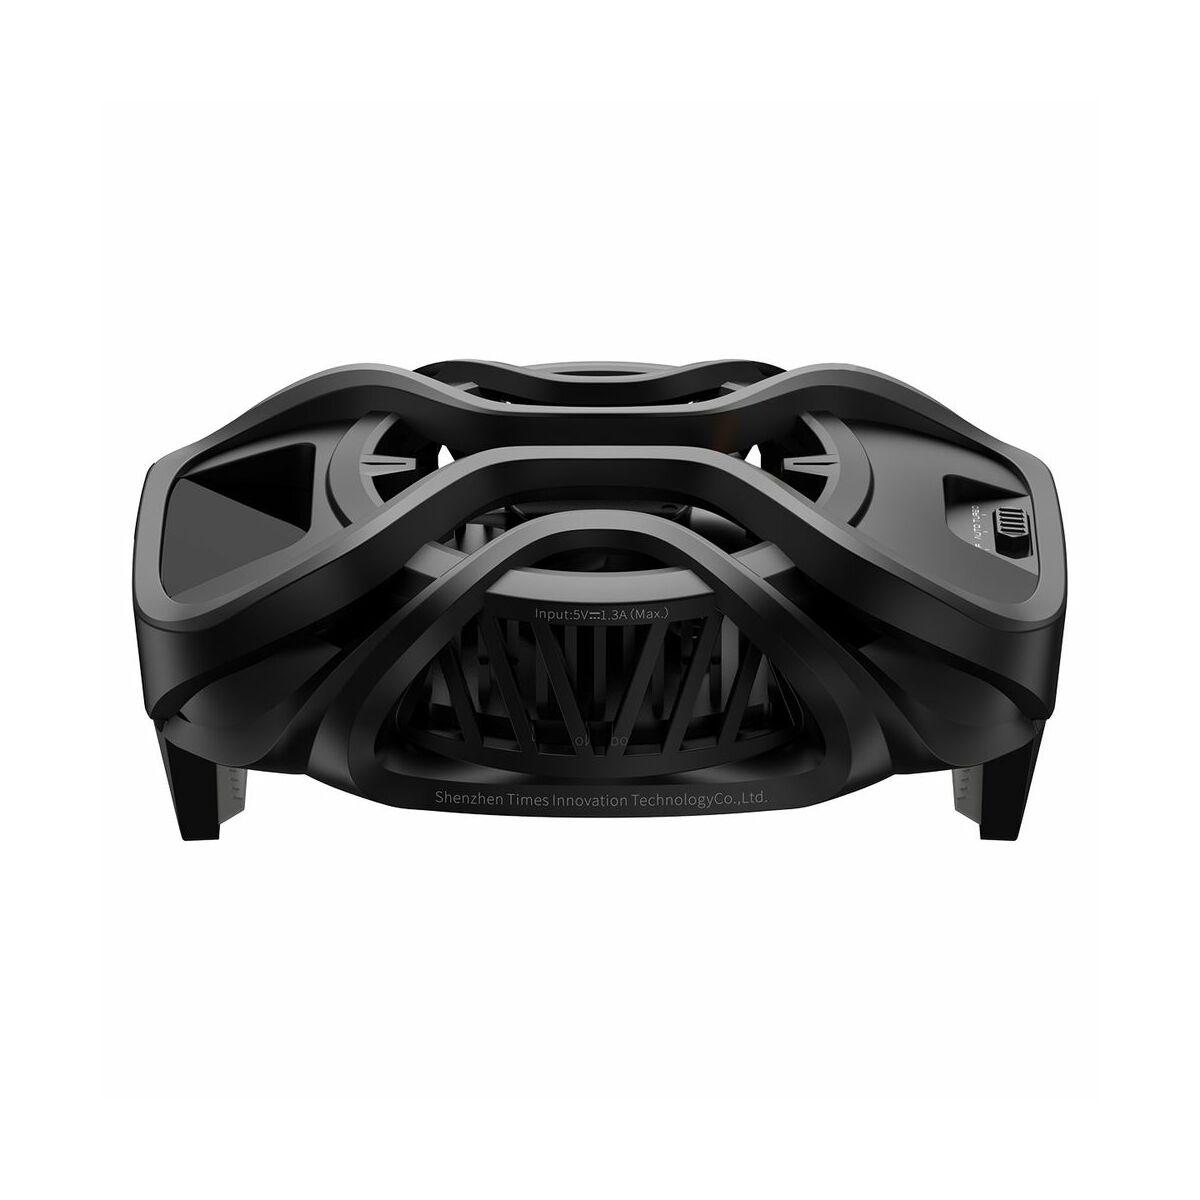 Baseus játék eszköz, GAMO Refriger mobiltelefon hűtő GA06, fekete (GMGA06-01)